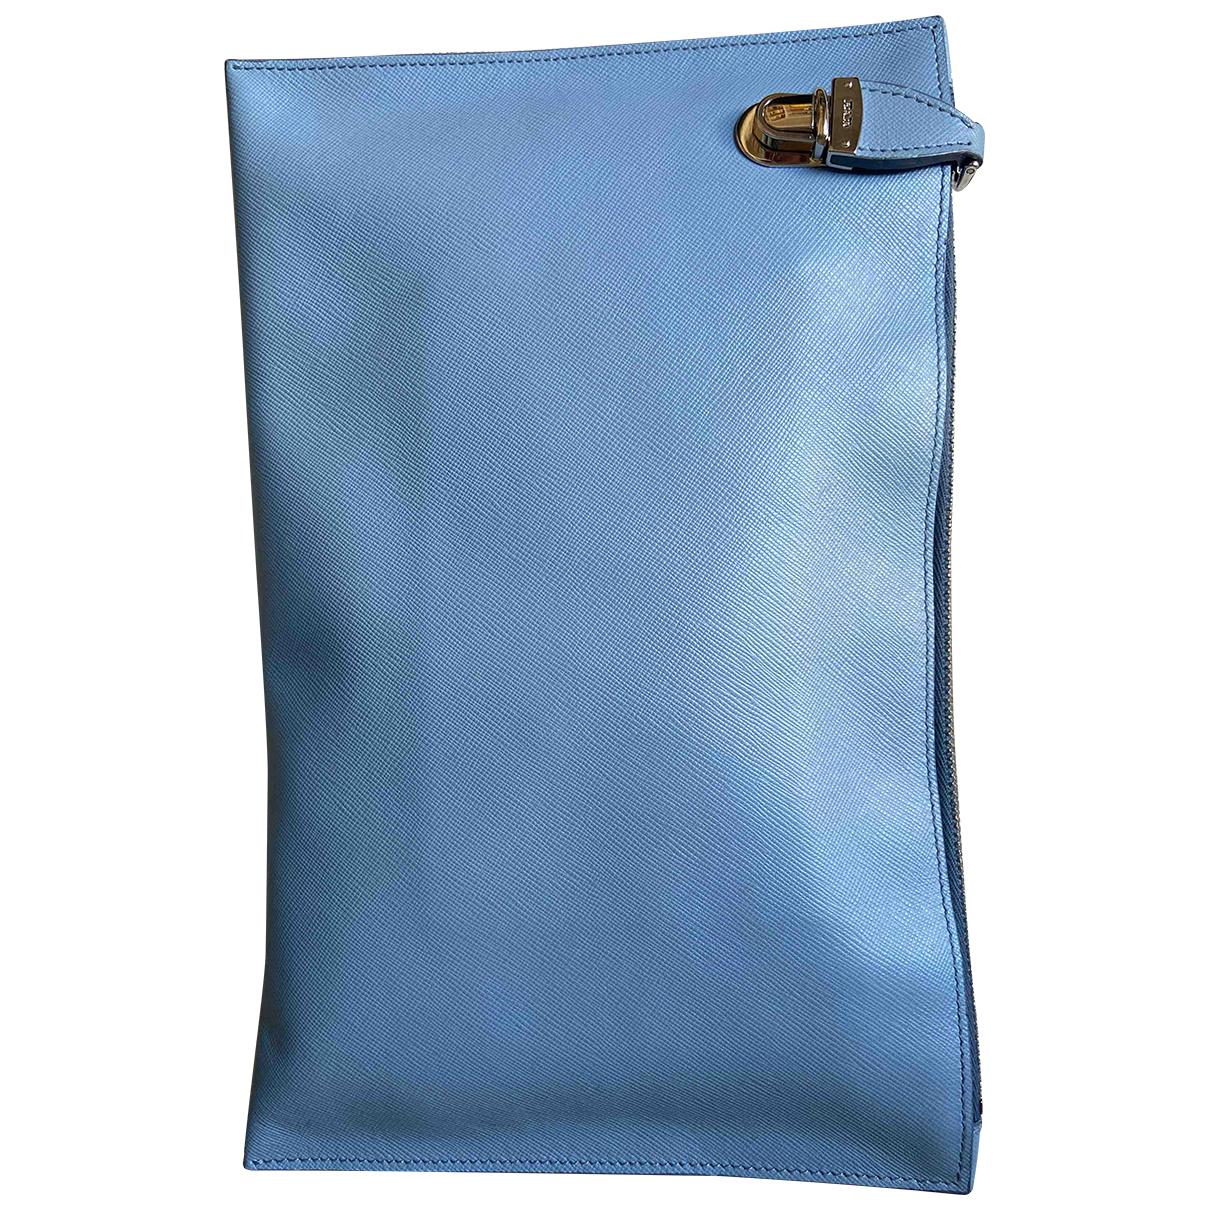 Prada - Pochette   pour femme en cuir - turquoise